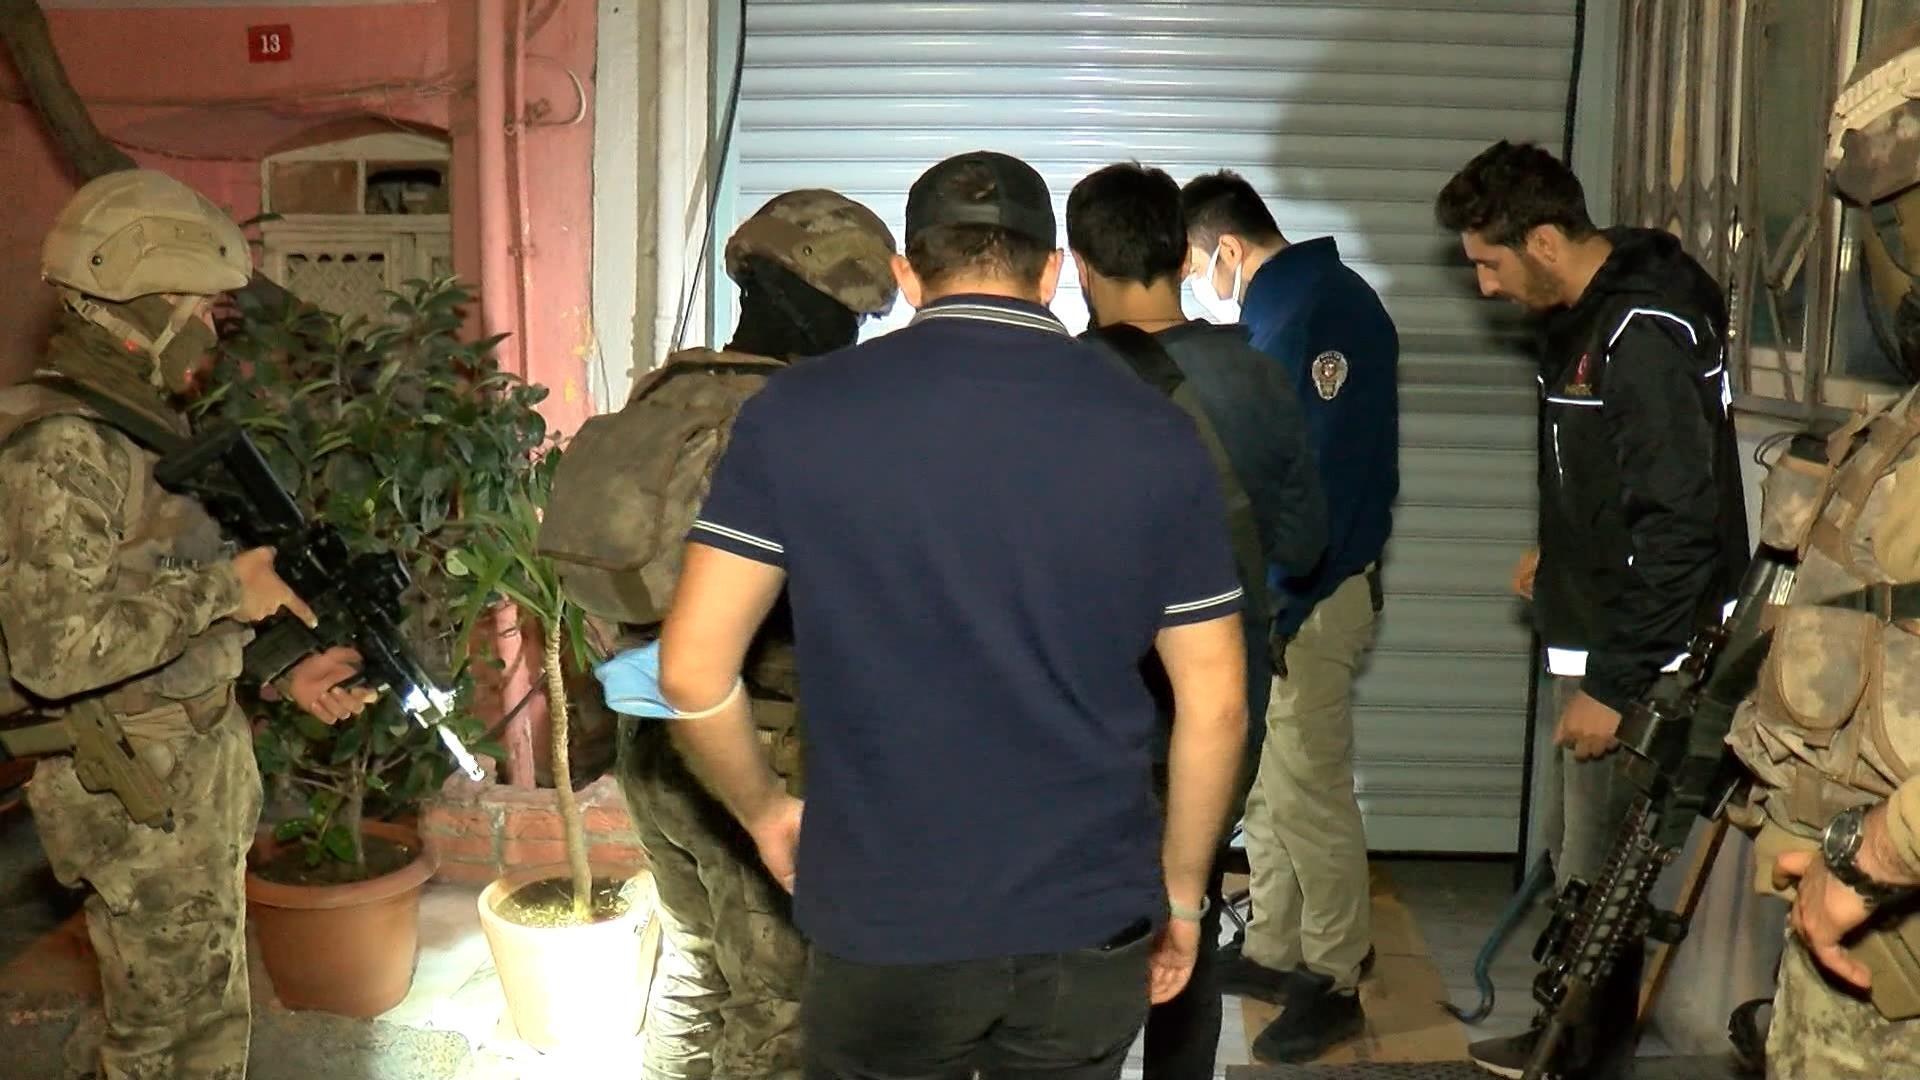 Beyoğlu Çukur Mahallesi'nde uyuşturucu operasyonu!